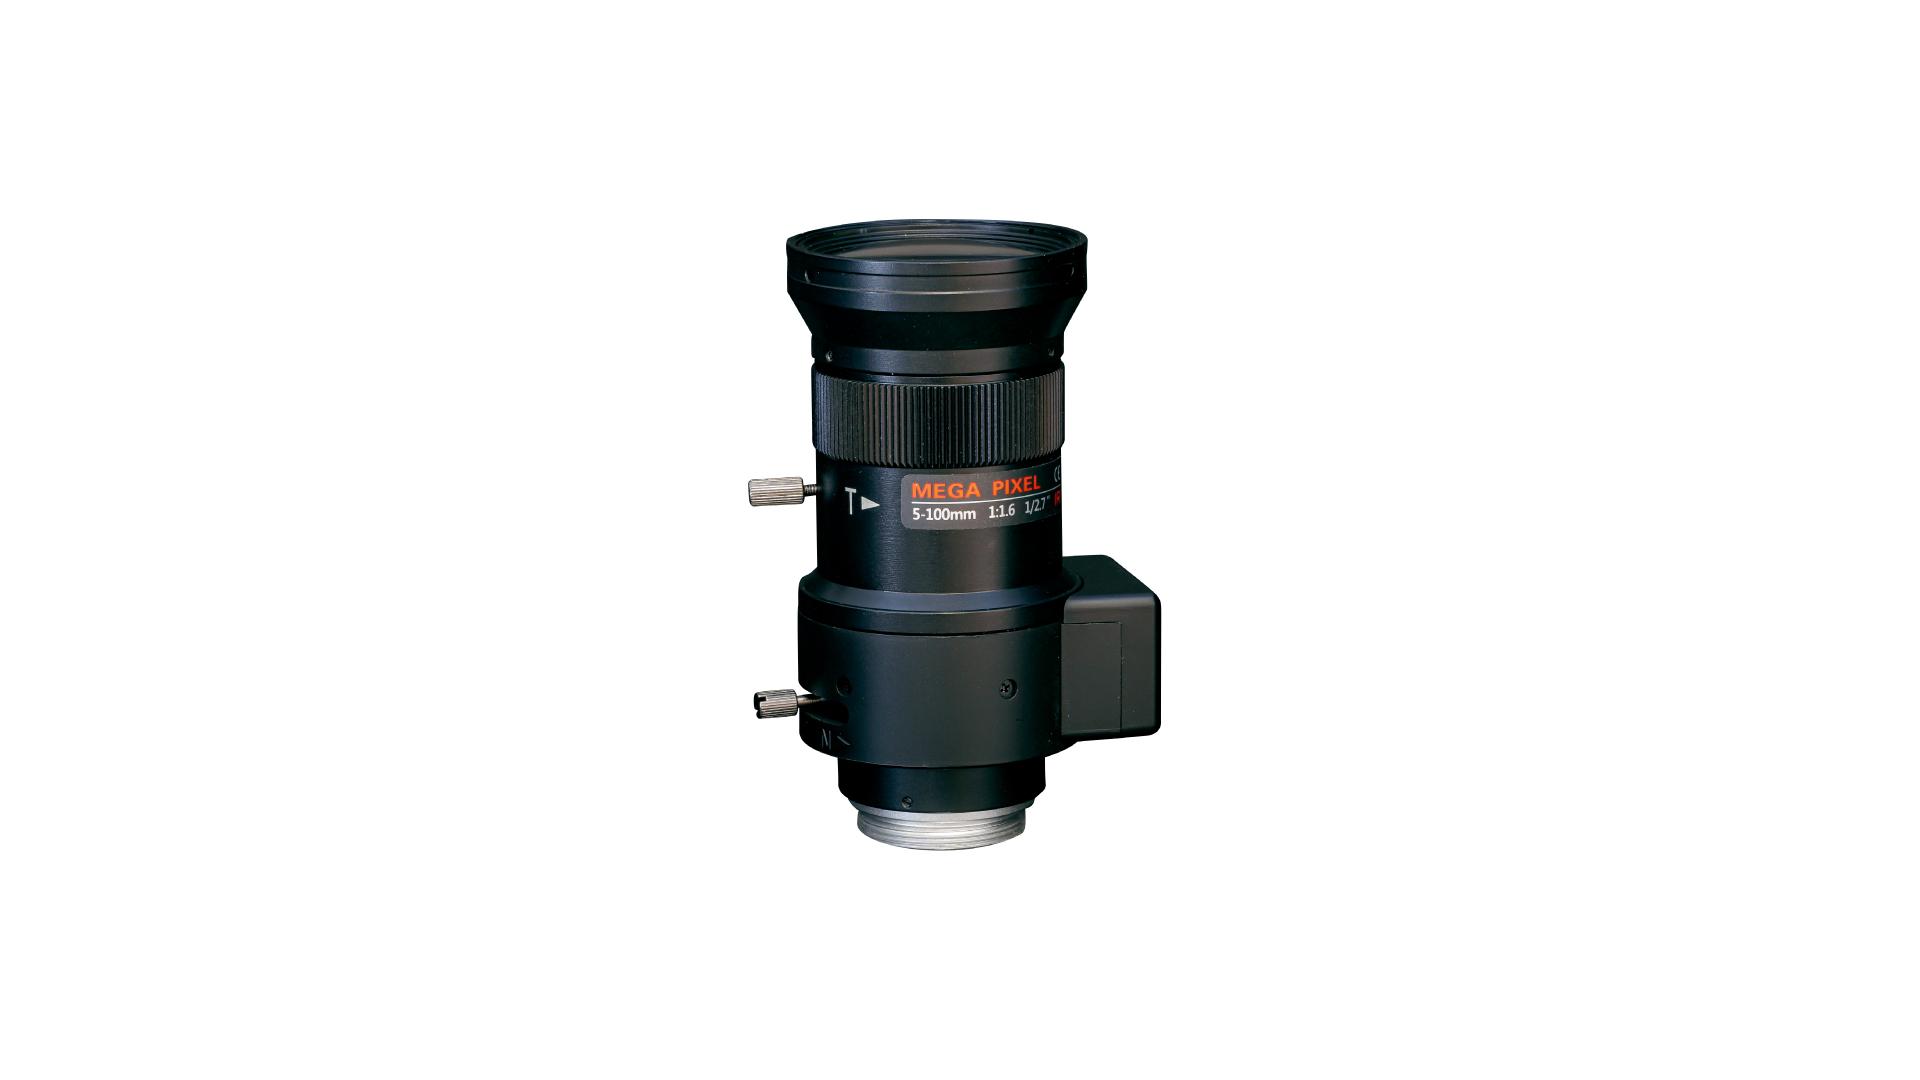 ボックスカメラ用レンズ